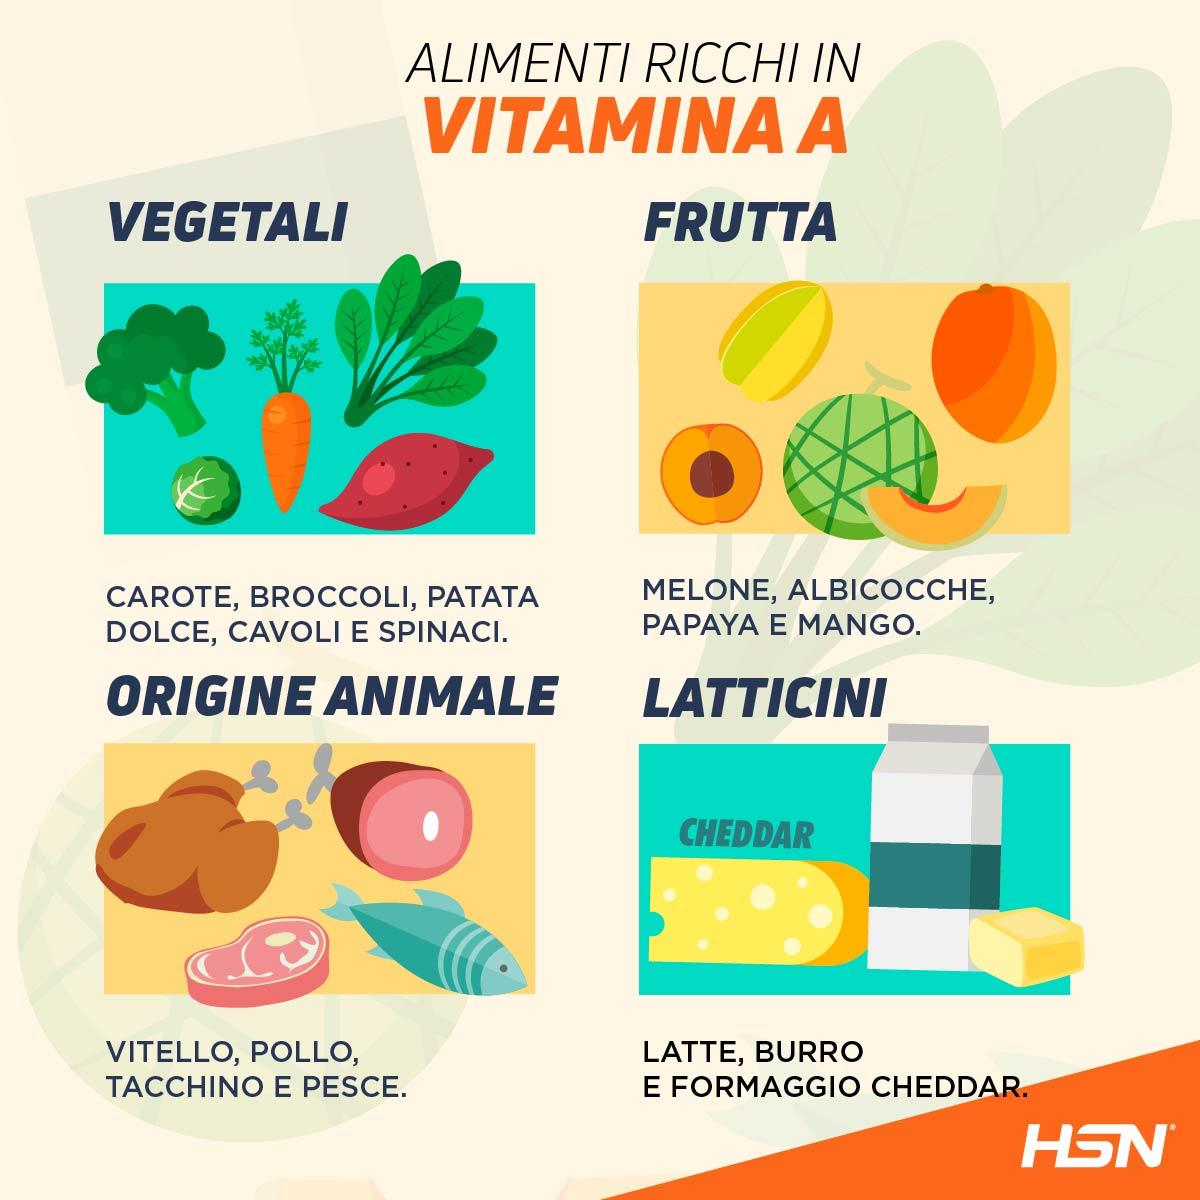 Categorie di alimenti ricchi in vitamina A